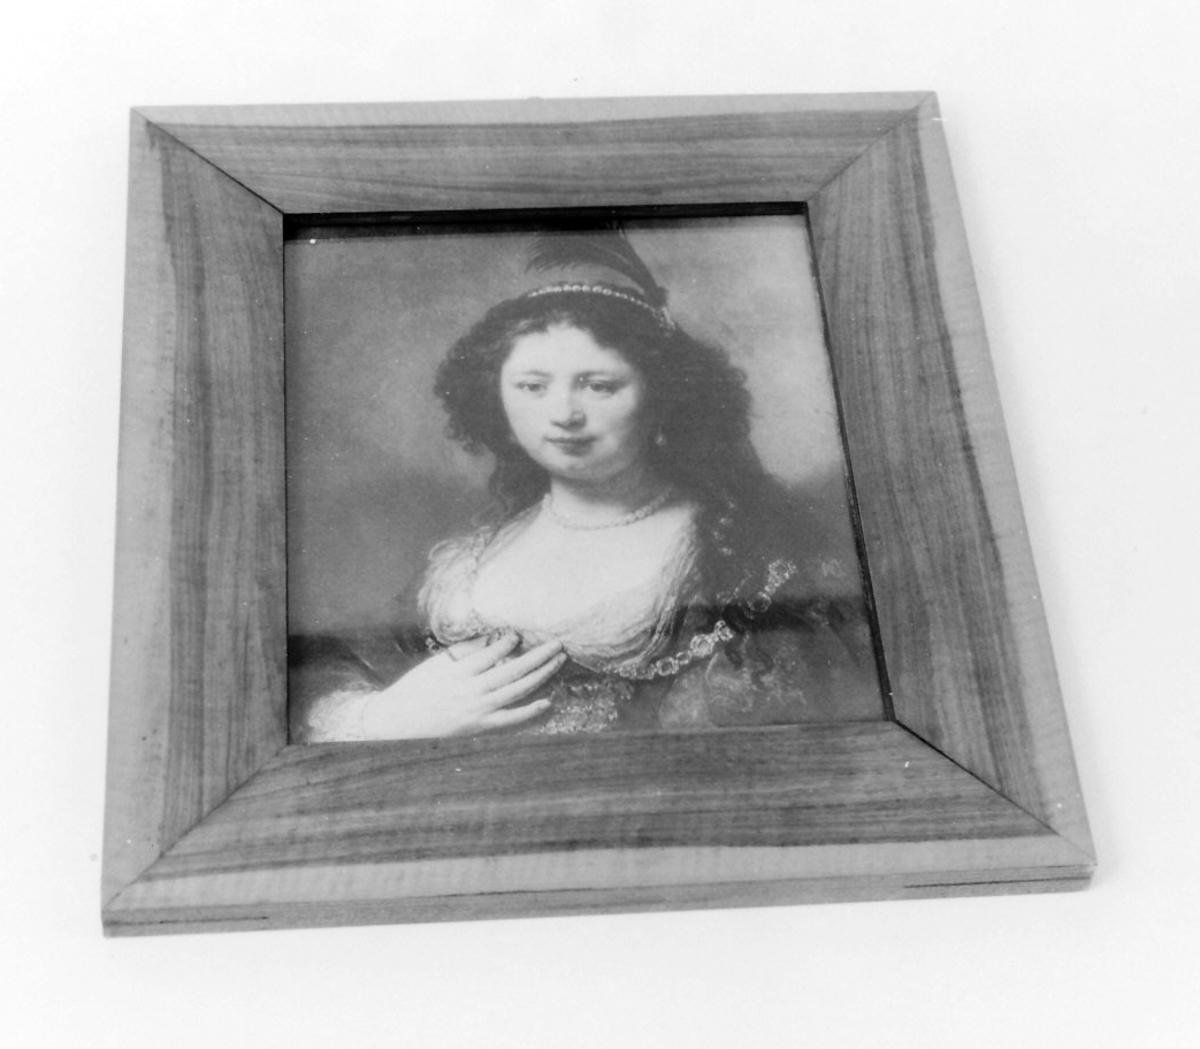 Rektangulær bjerkefinerramme med  Kvinne; brystbilde, kropp noe venstrev., v. hånd på  brystet, løst, mørkt hår m. perler og fjær; stor kjoleutrigning.